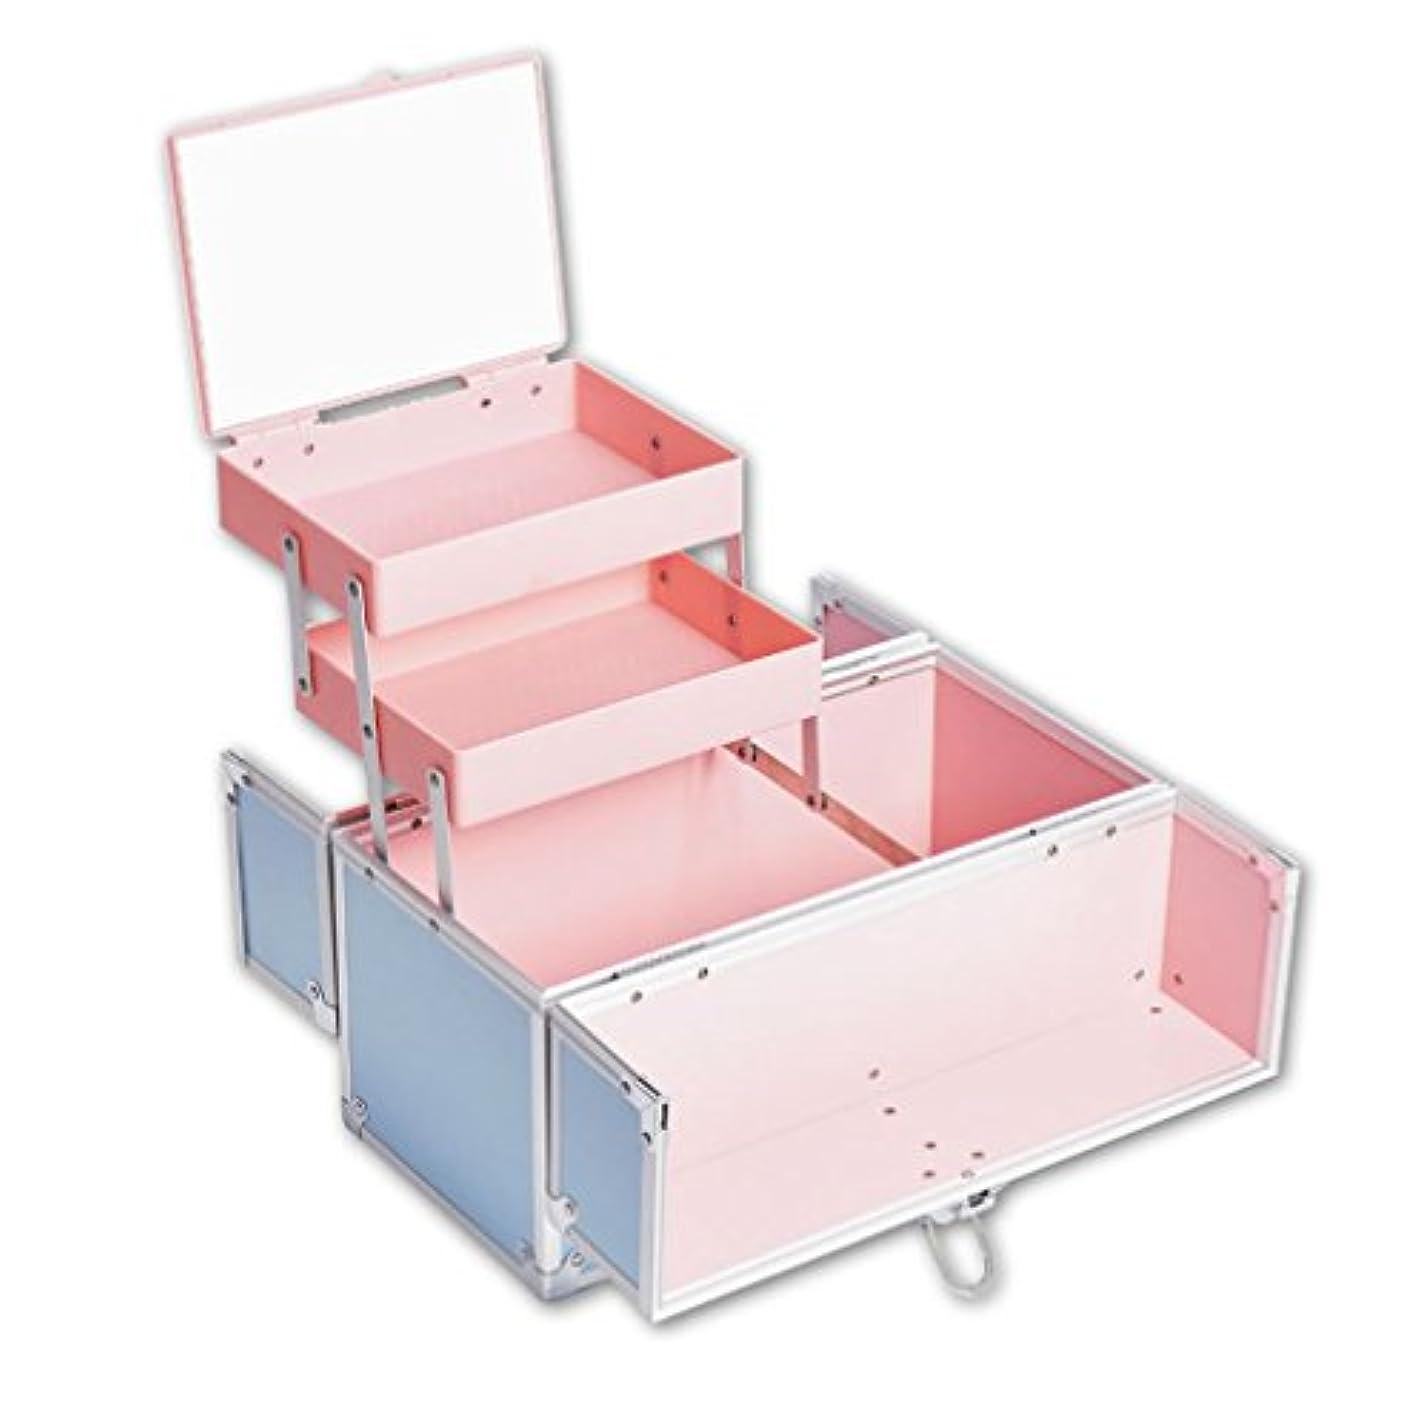 見積り製造鎖「XINXIKEJI」メイクボックス コスメボックス 大容量 2段 鏡付き 洗える 化粧ボックス スプロも納得 収納力抜群 鍵付き かわいい 祝日プレゼント  取っ手付 コスメBOX ブルー